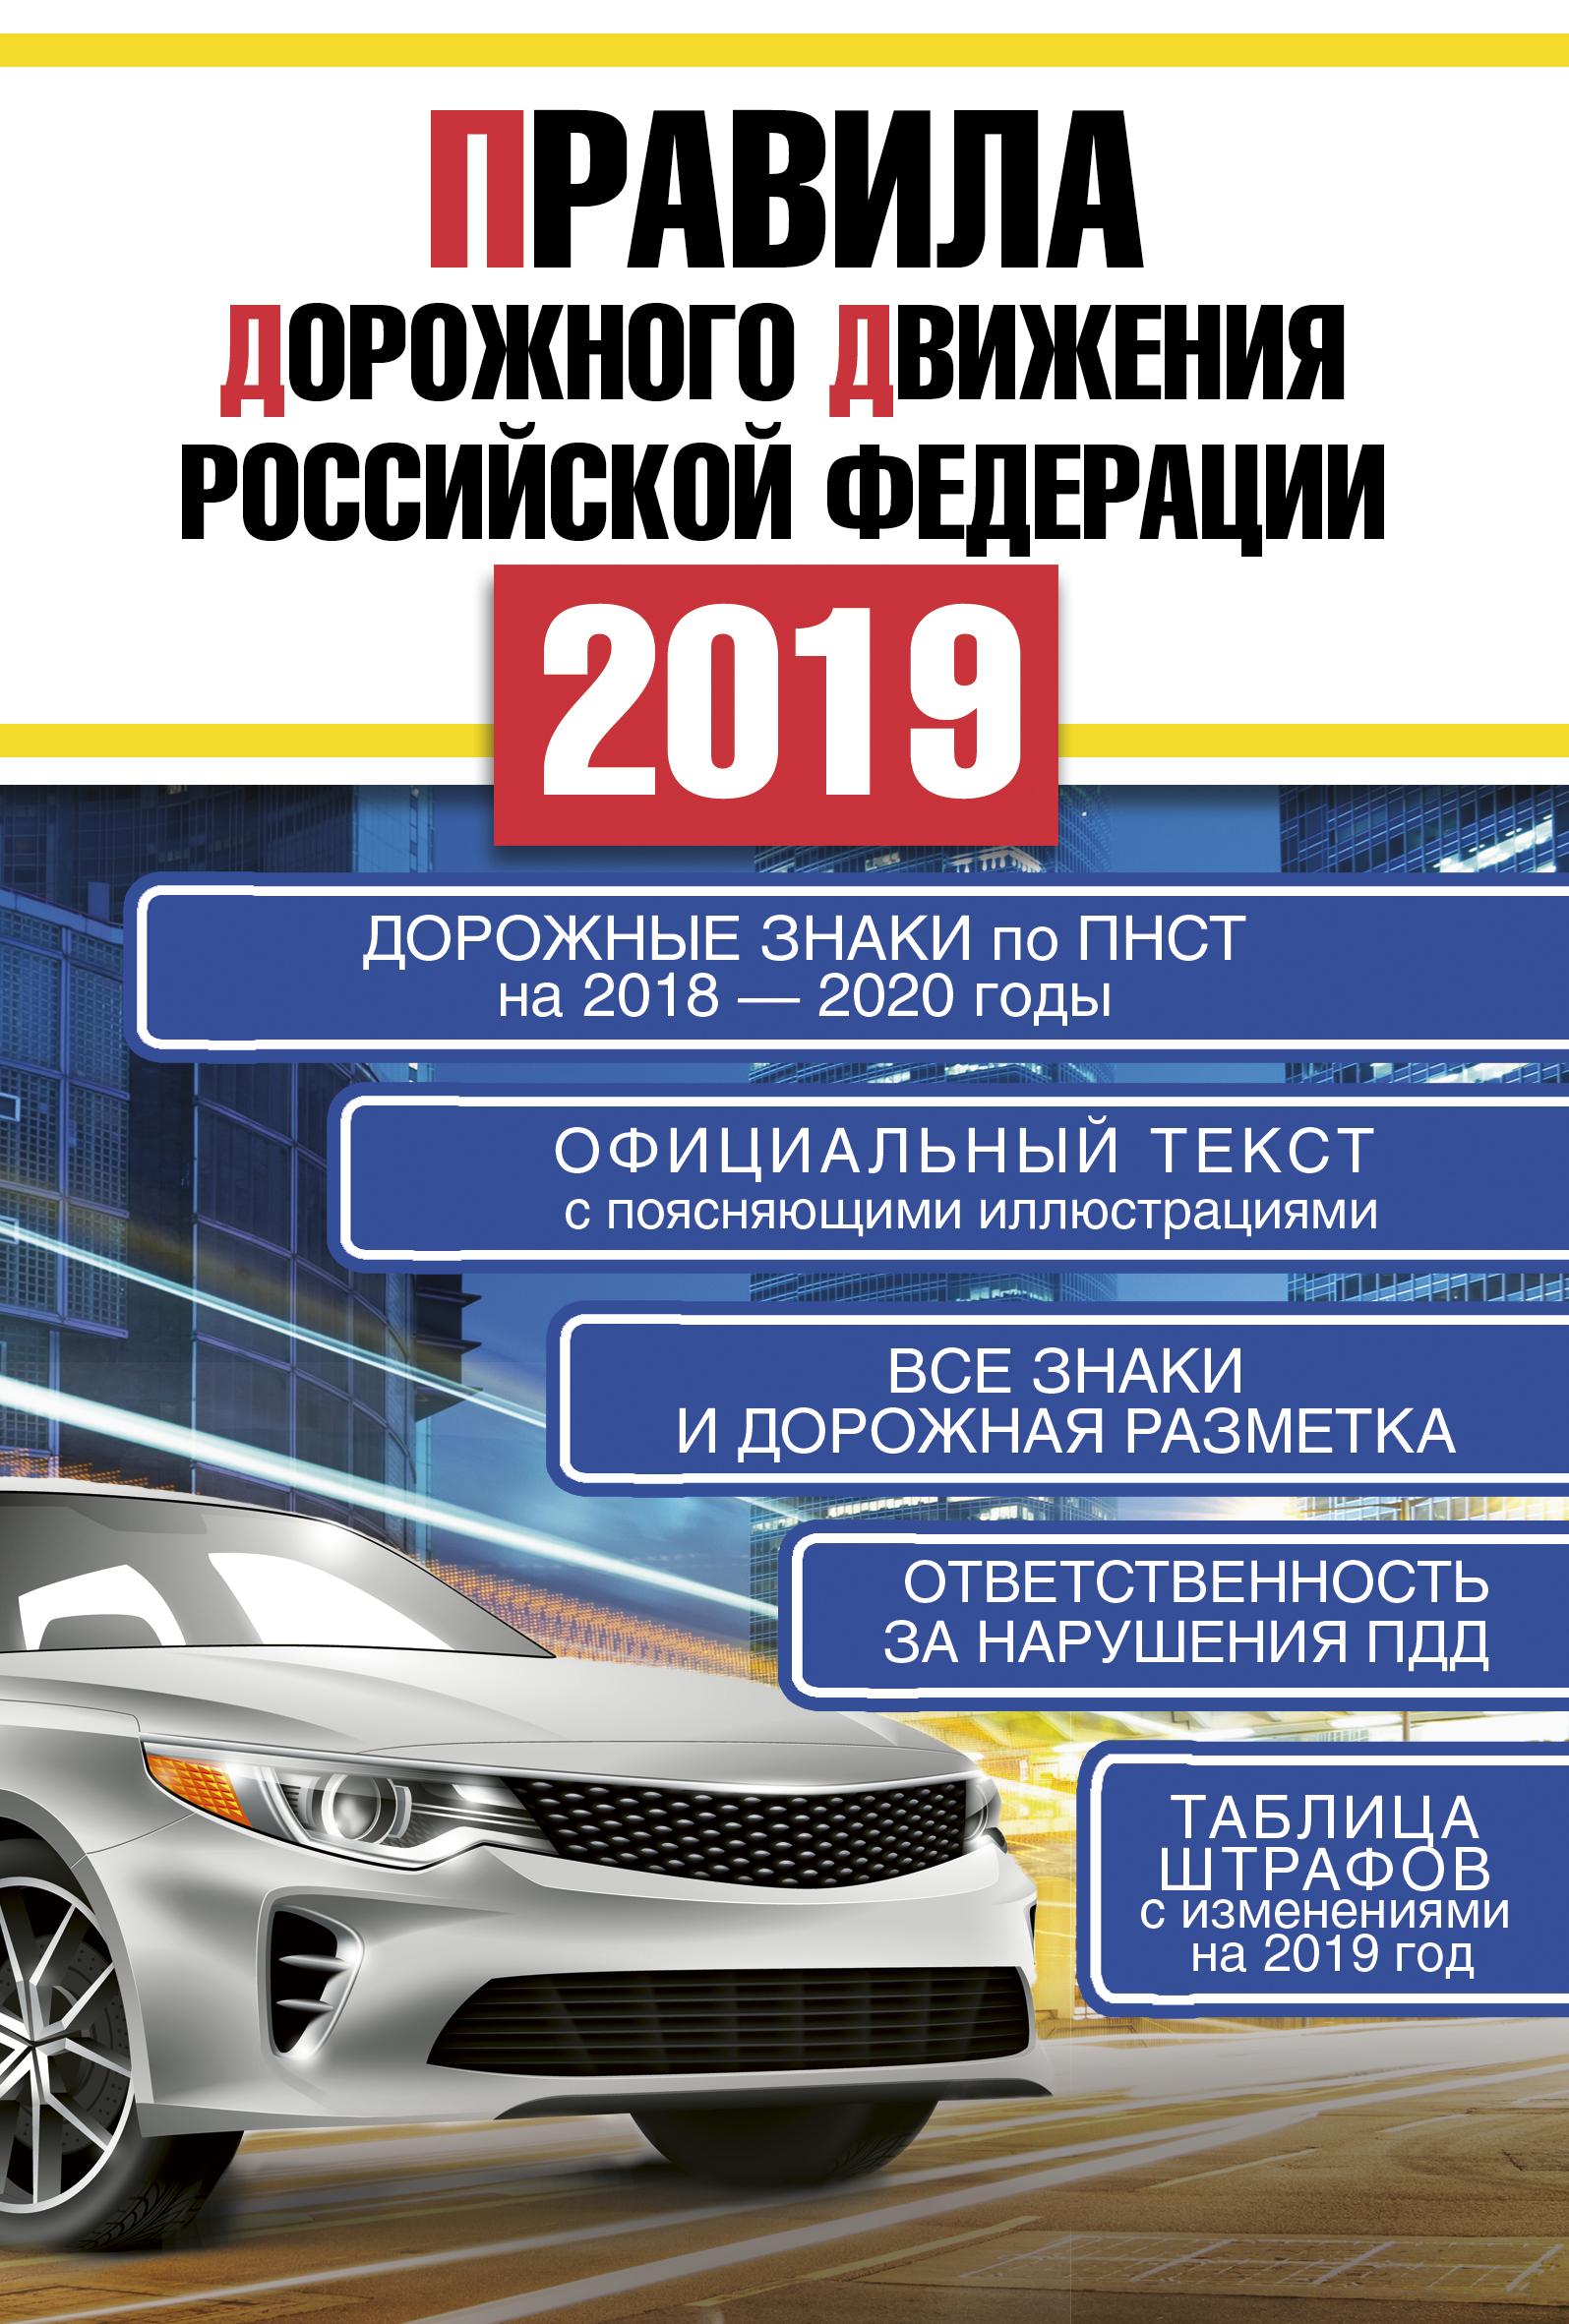 Правила дорожного движения Российской Федерации на 2019 год